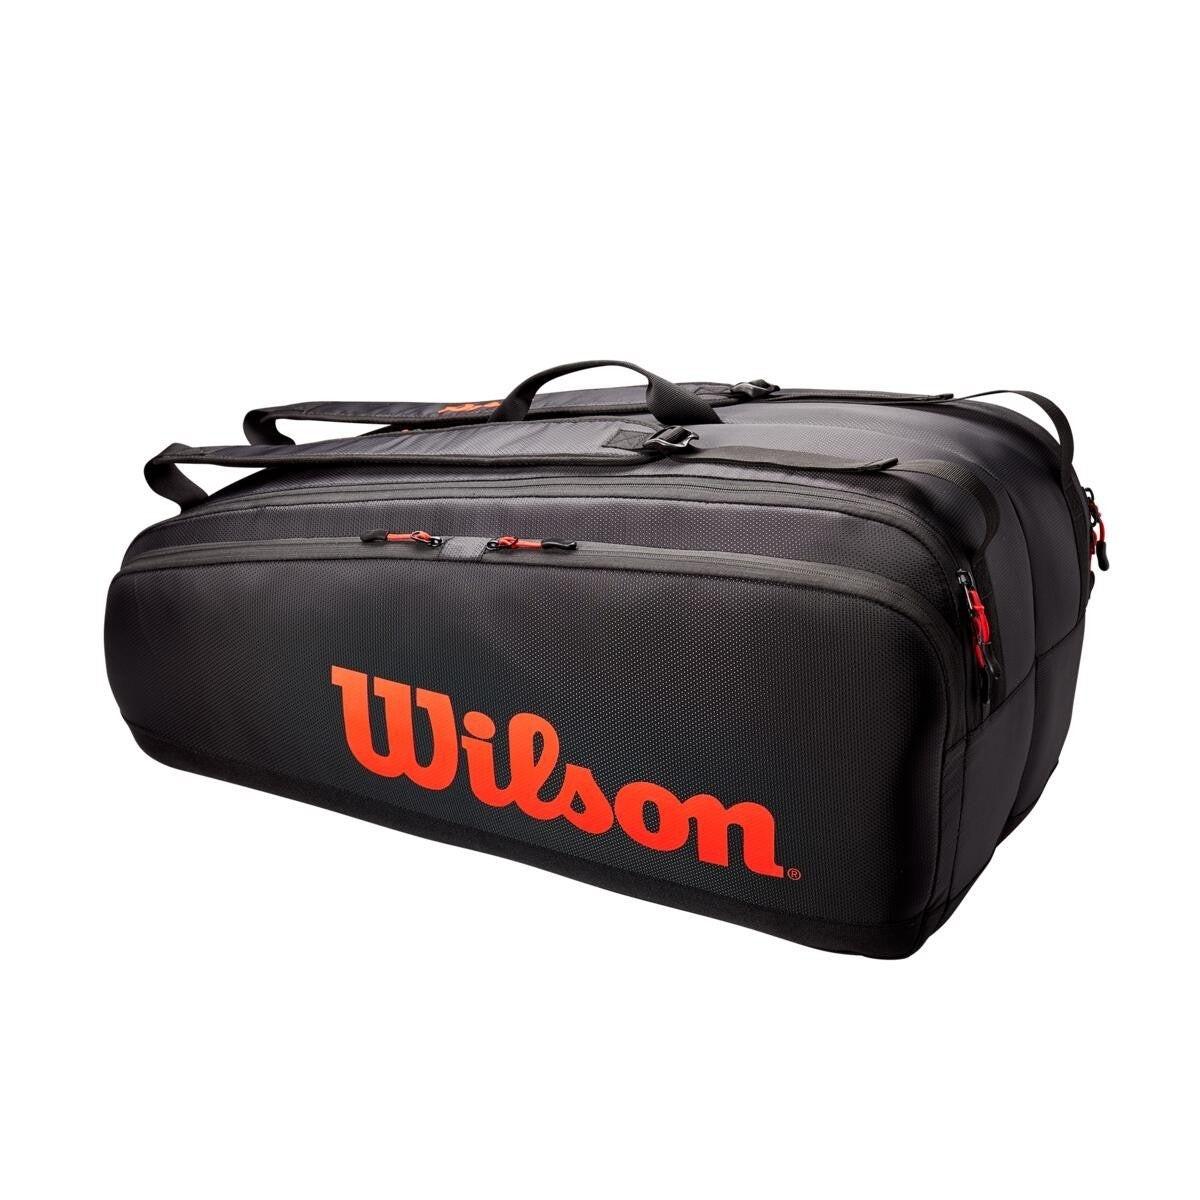 Теннисная сумка Wilson Tour 12 Pk Bag red/black